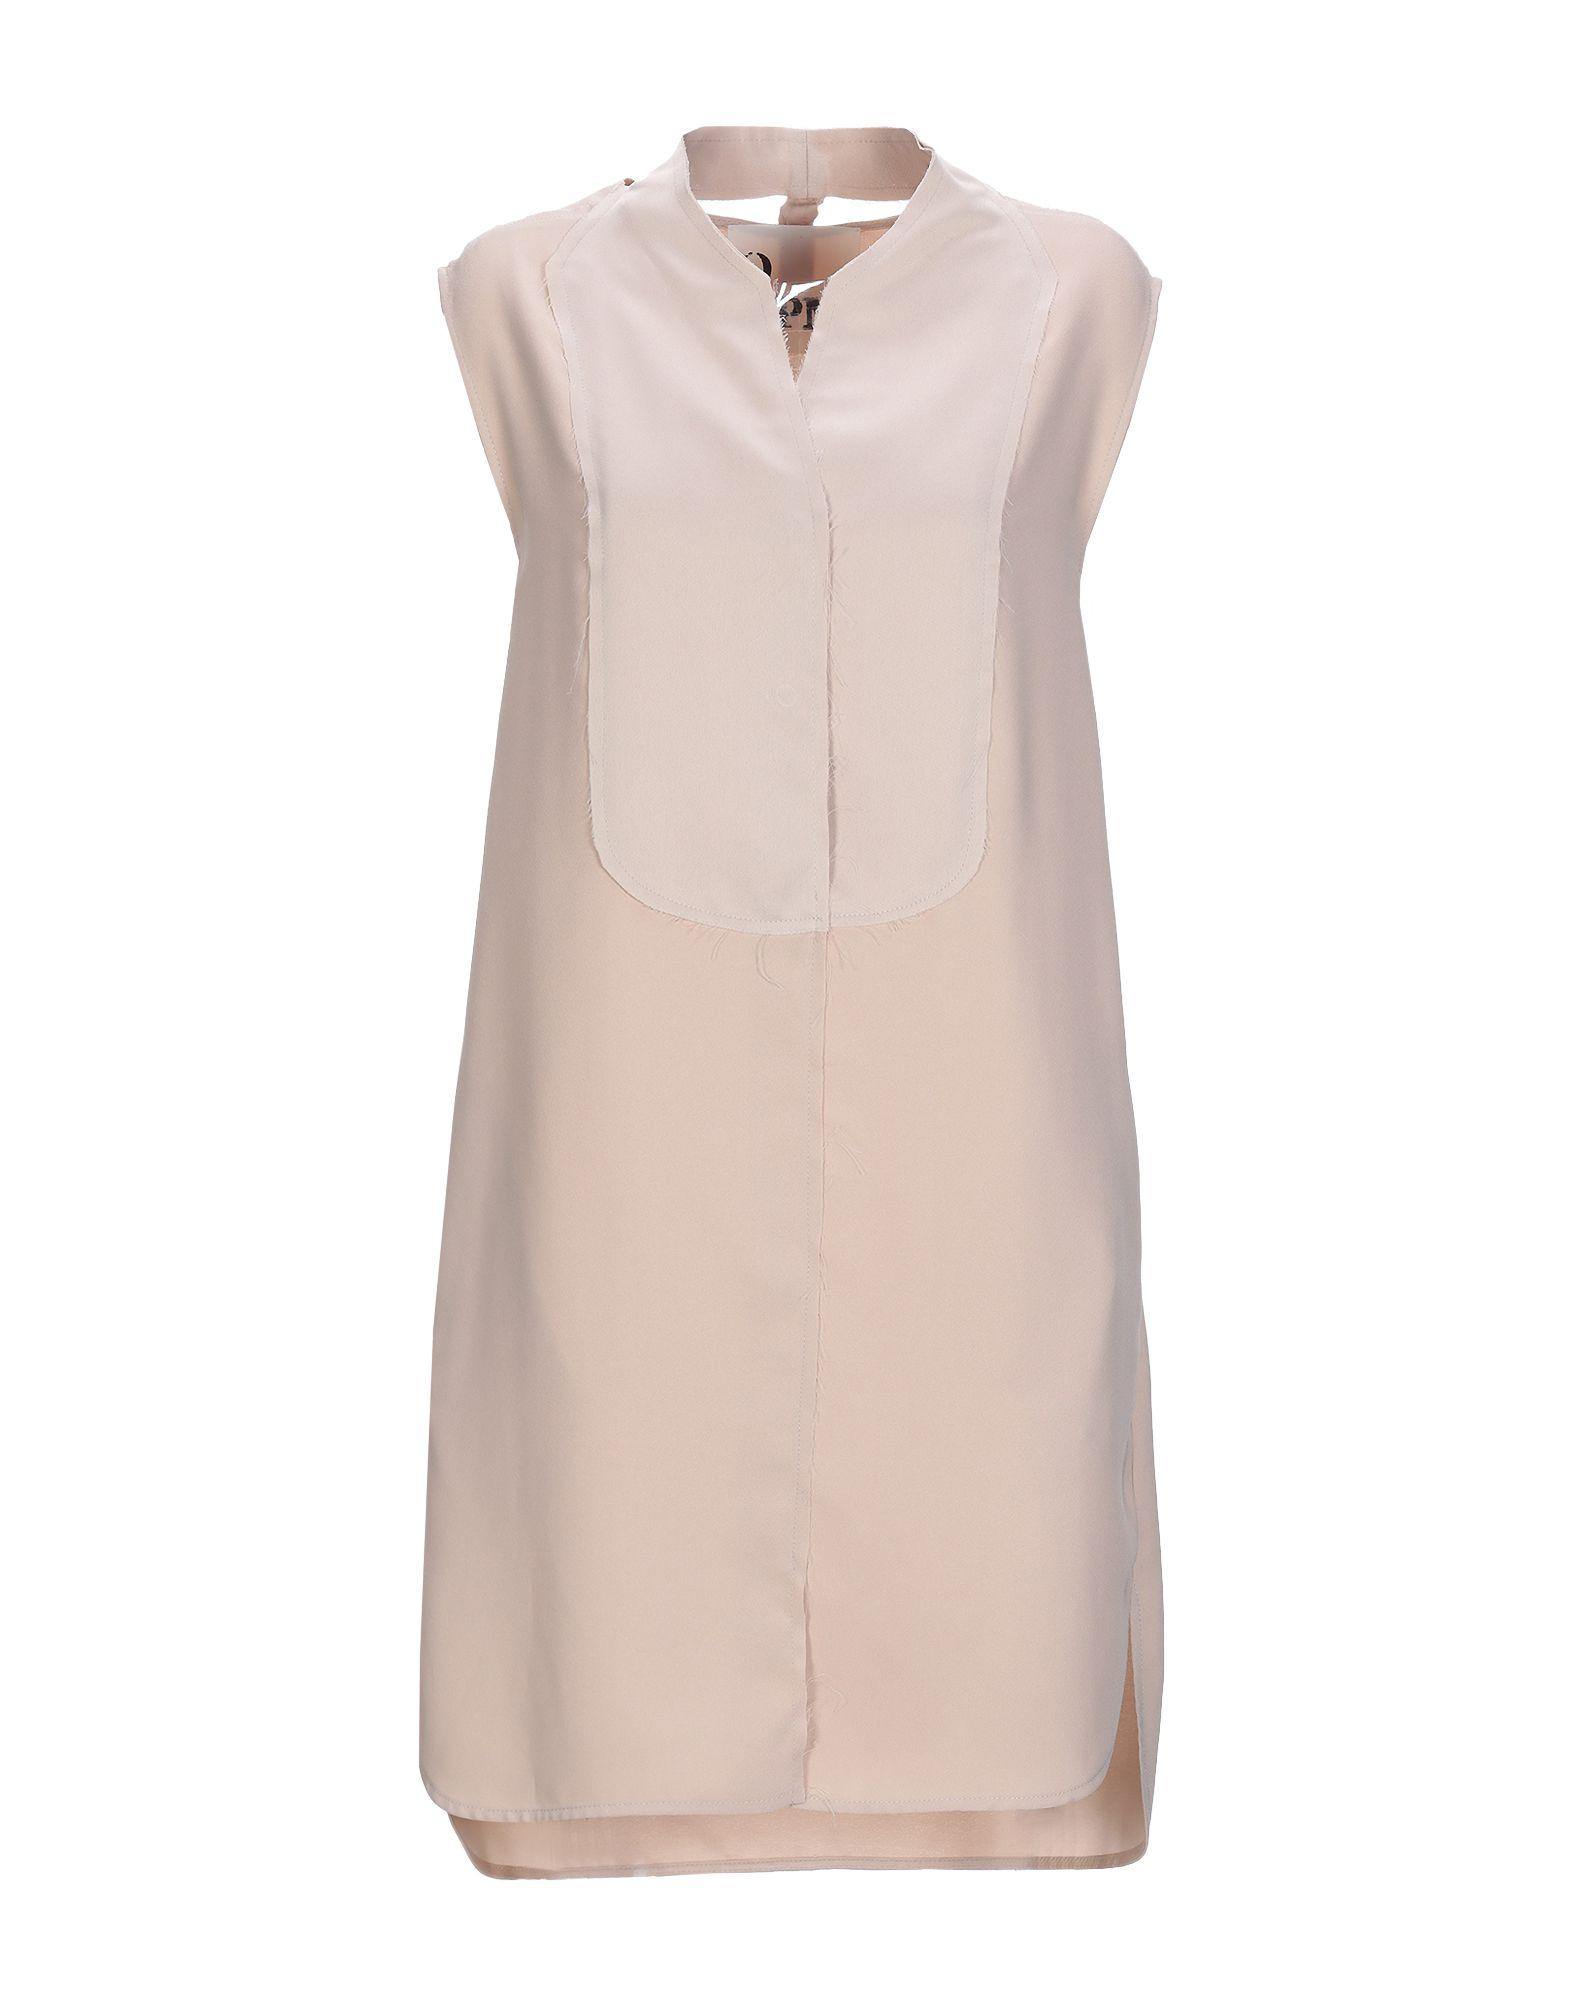 8PM Короткое платье платье рубашка fox yulia sway платье рубашка fox